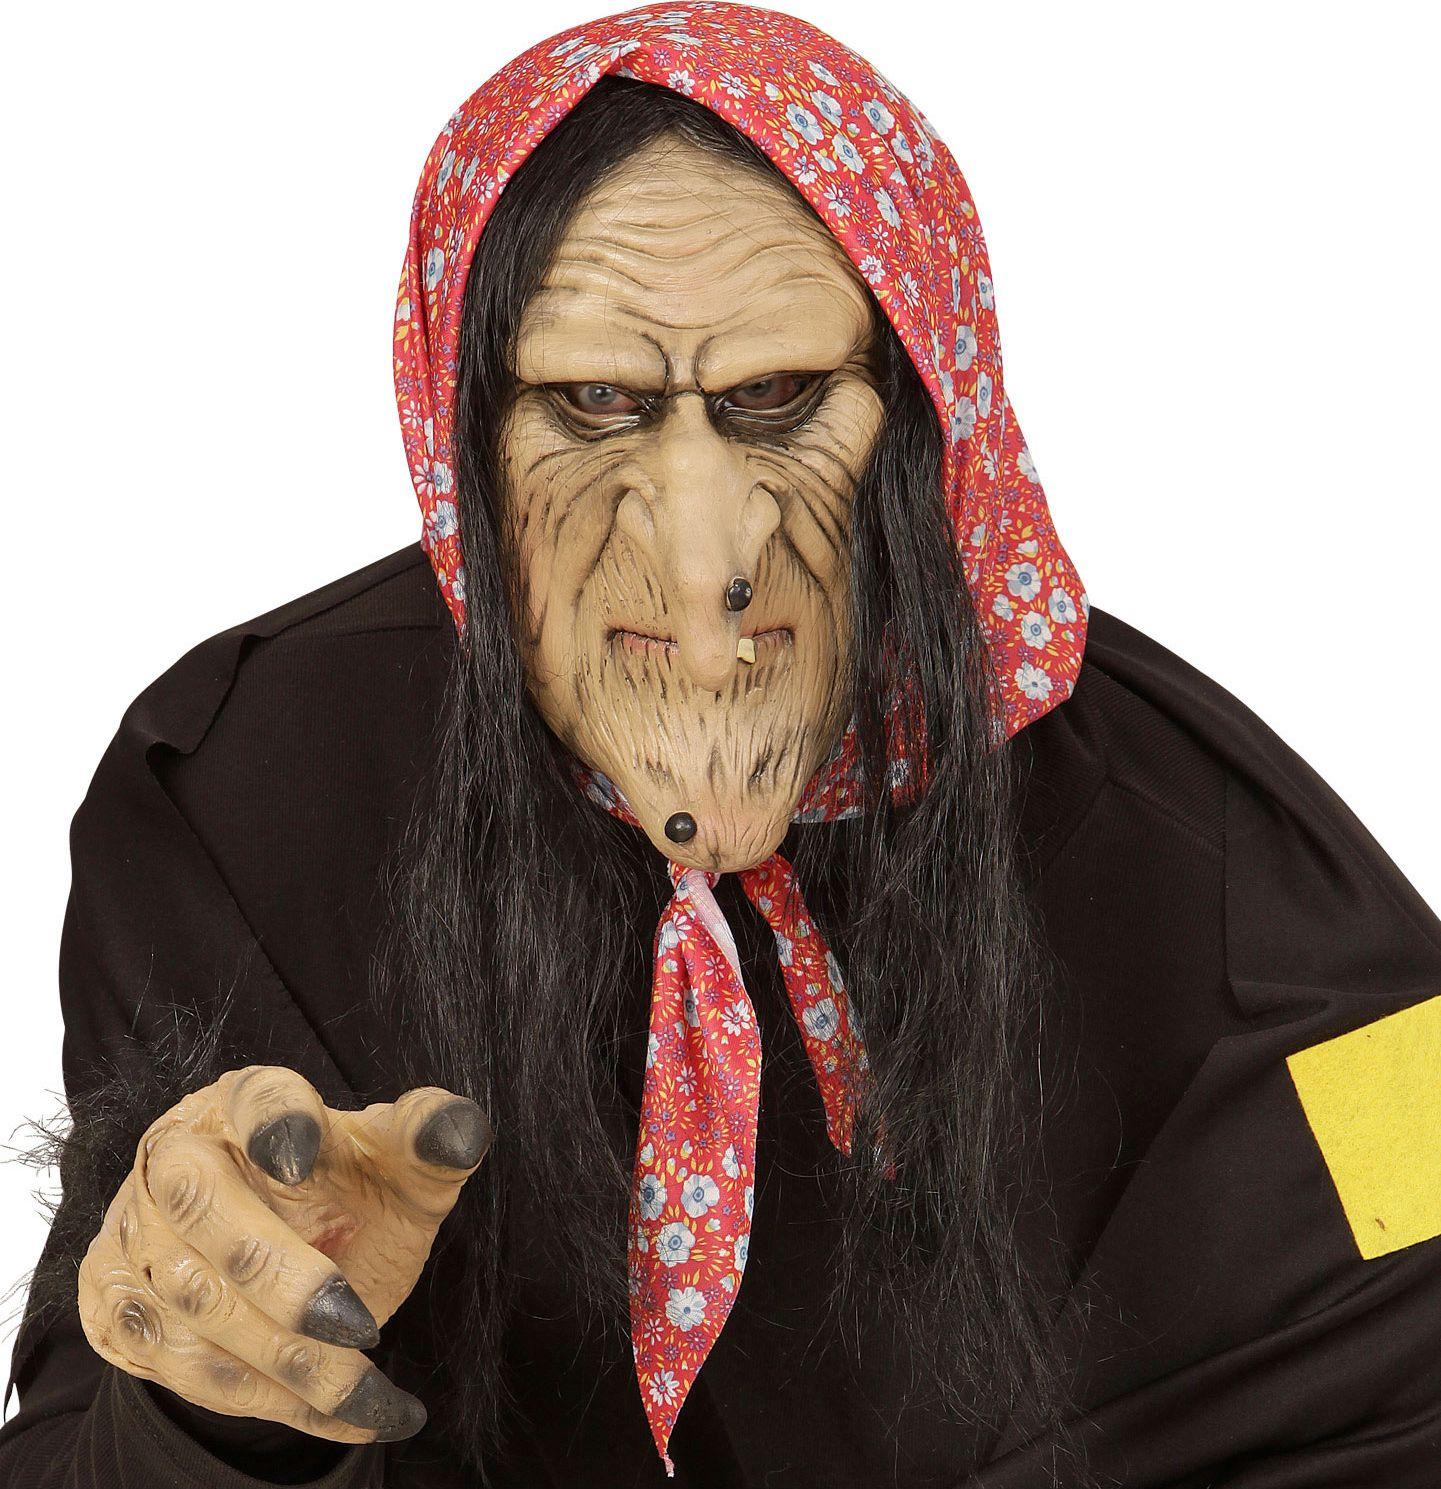 Heksen masker met zwart haar